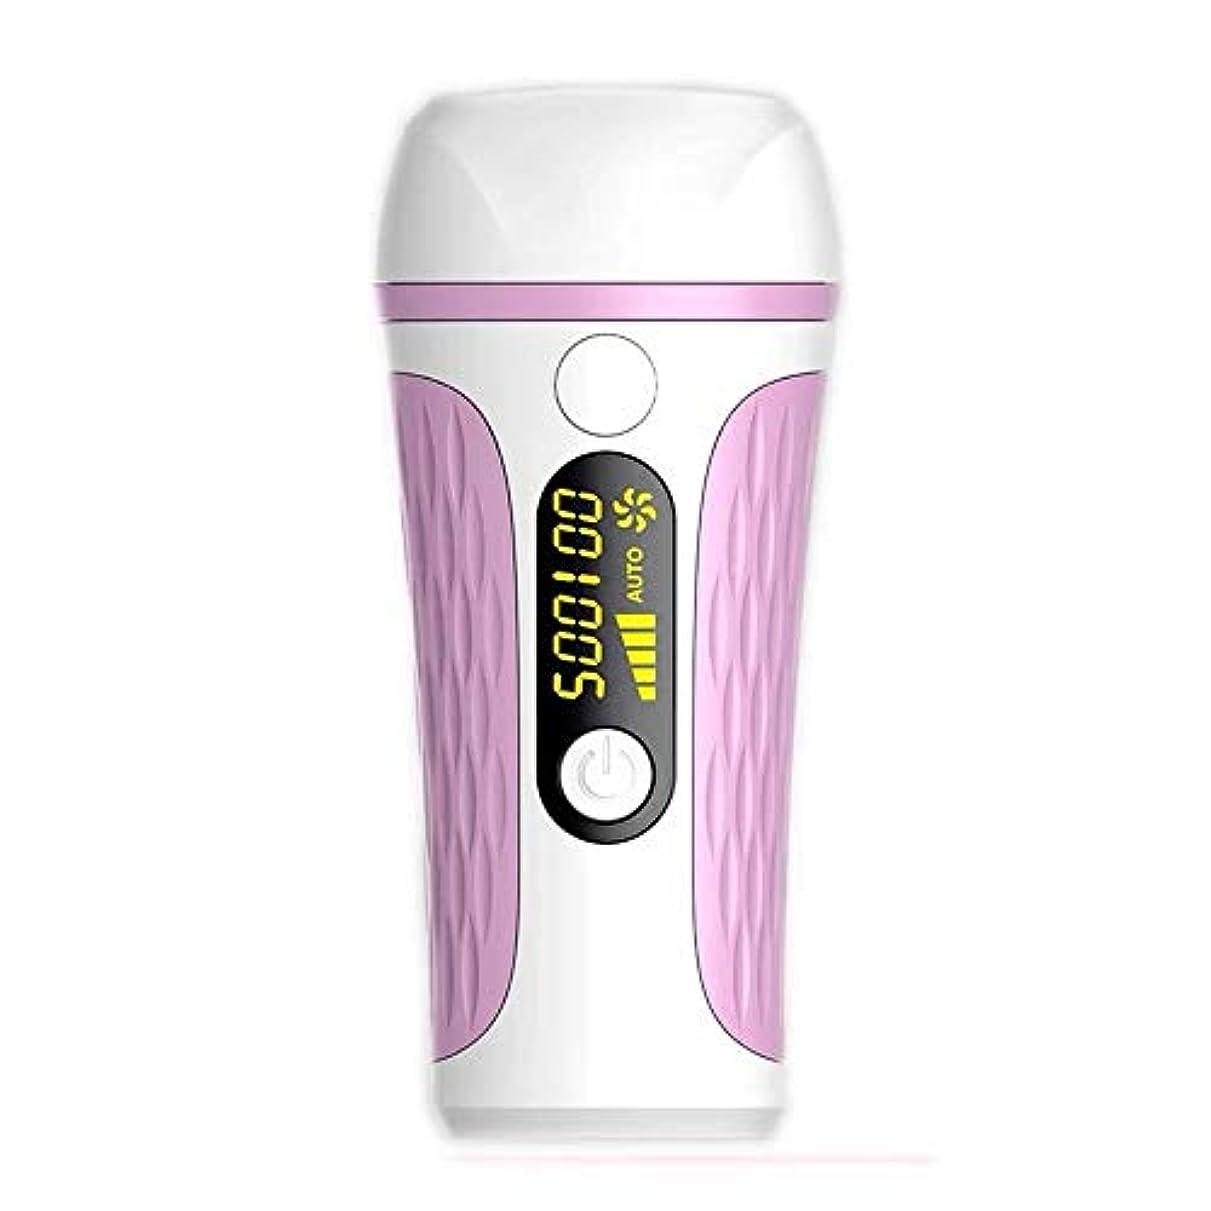 好奇心盛用語集珍味携帯用コールドポイント痛みのない毛の除去剤、自動、手動、2つのモード、LCDディスプレイ、5スピード調整、サイズ14.5 X 6.7 X 19 Cm 安全性